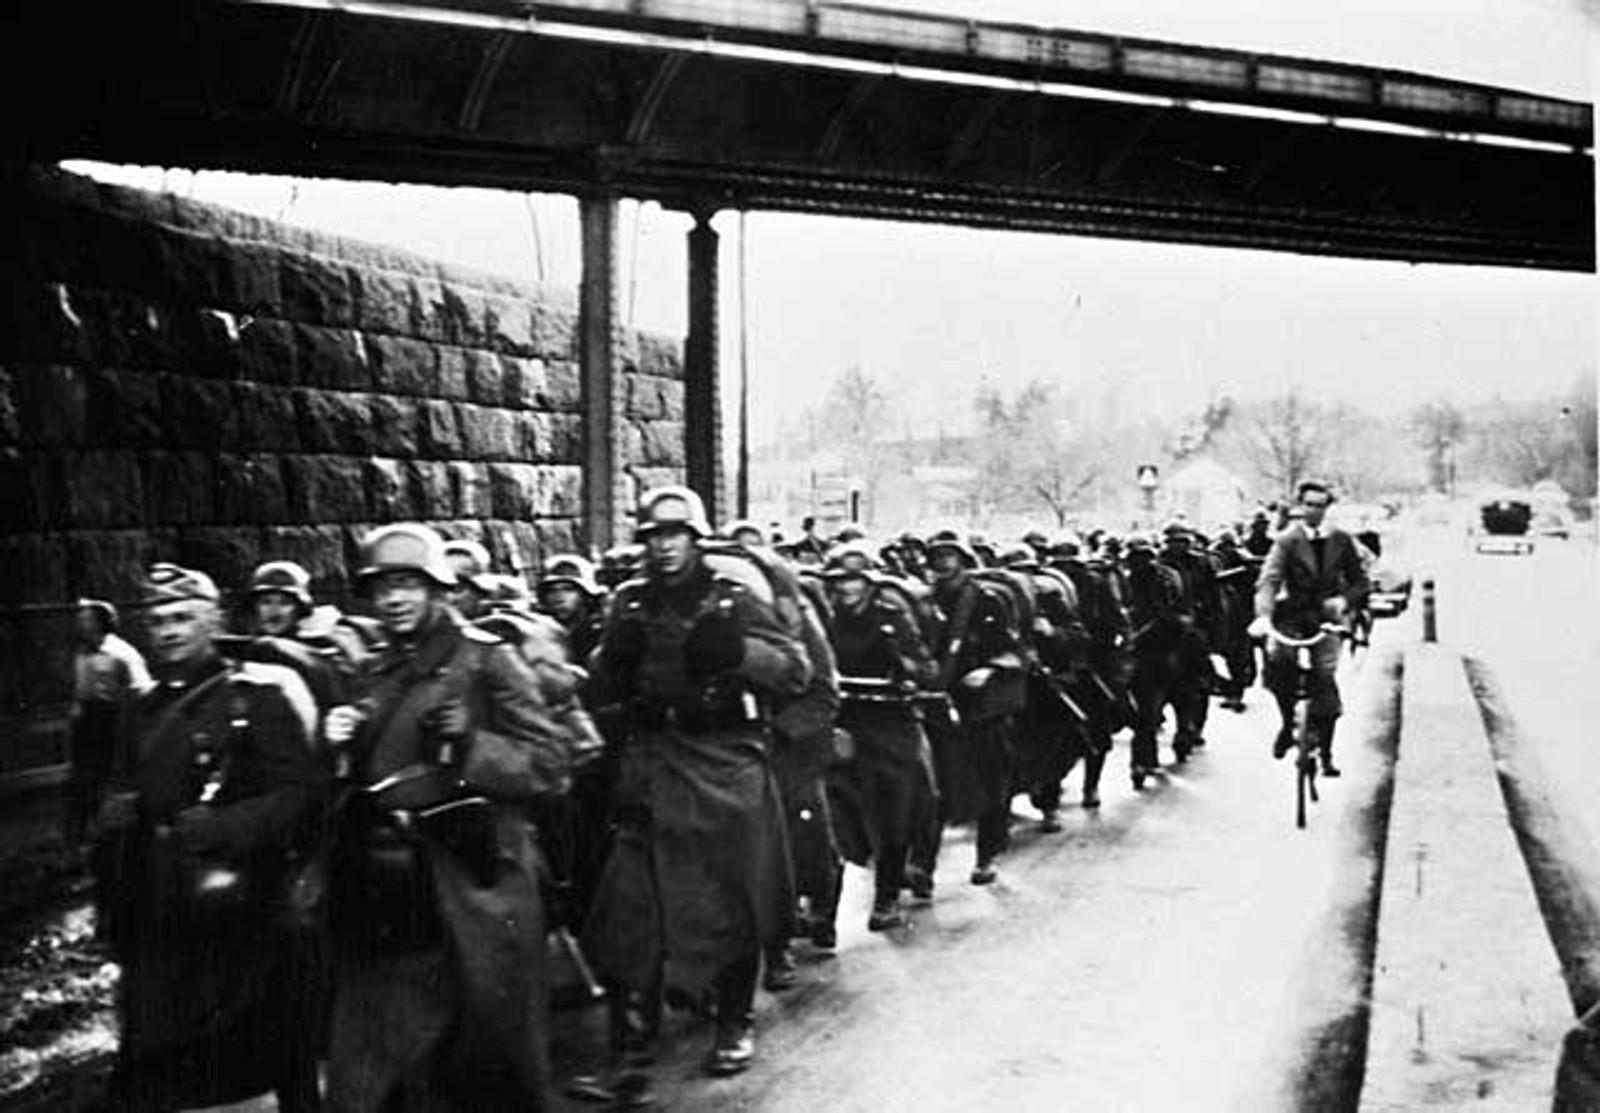 PÅ NESTTUN: Tyske styrker marsjerer under jernbanebroen på Nesttun.